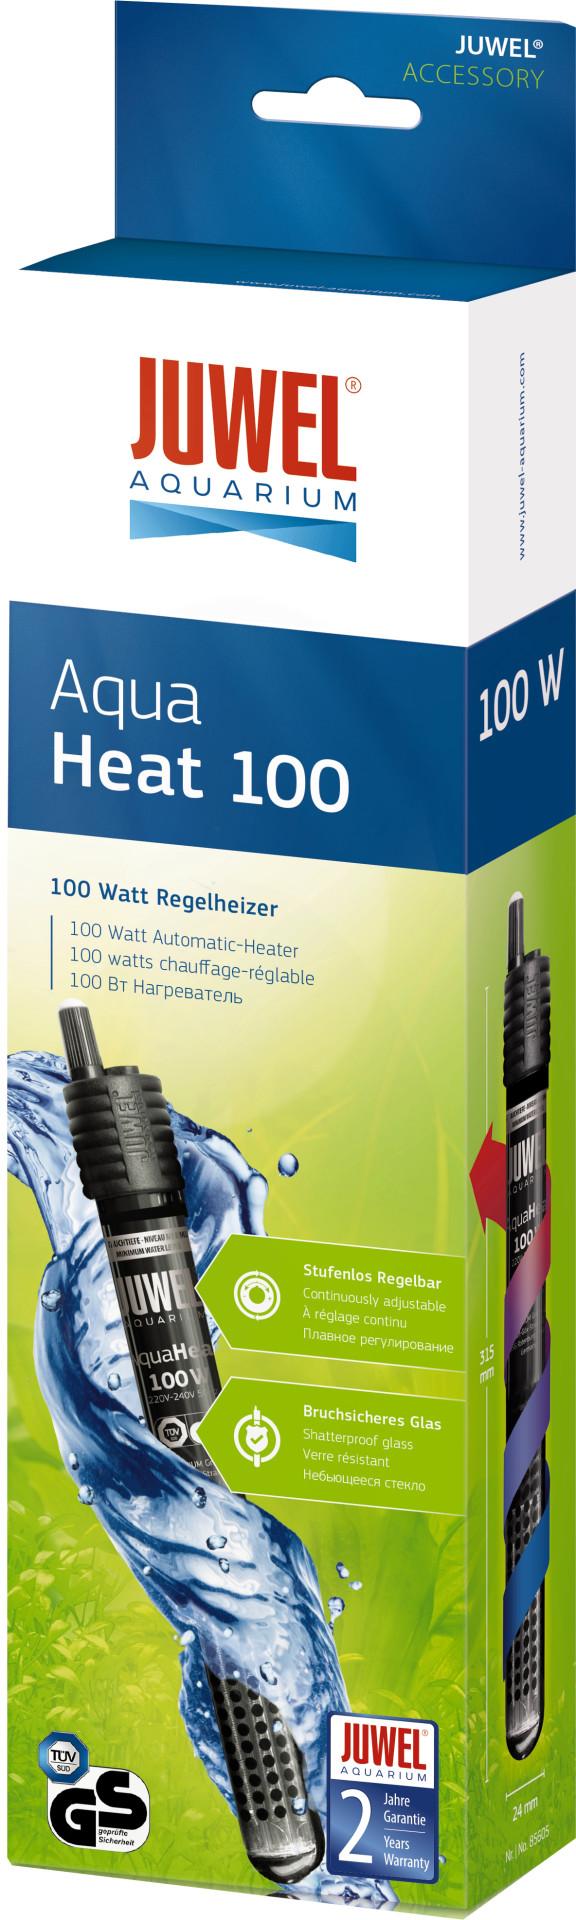 Juwel thermostaat verwarming 100 watt